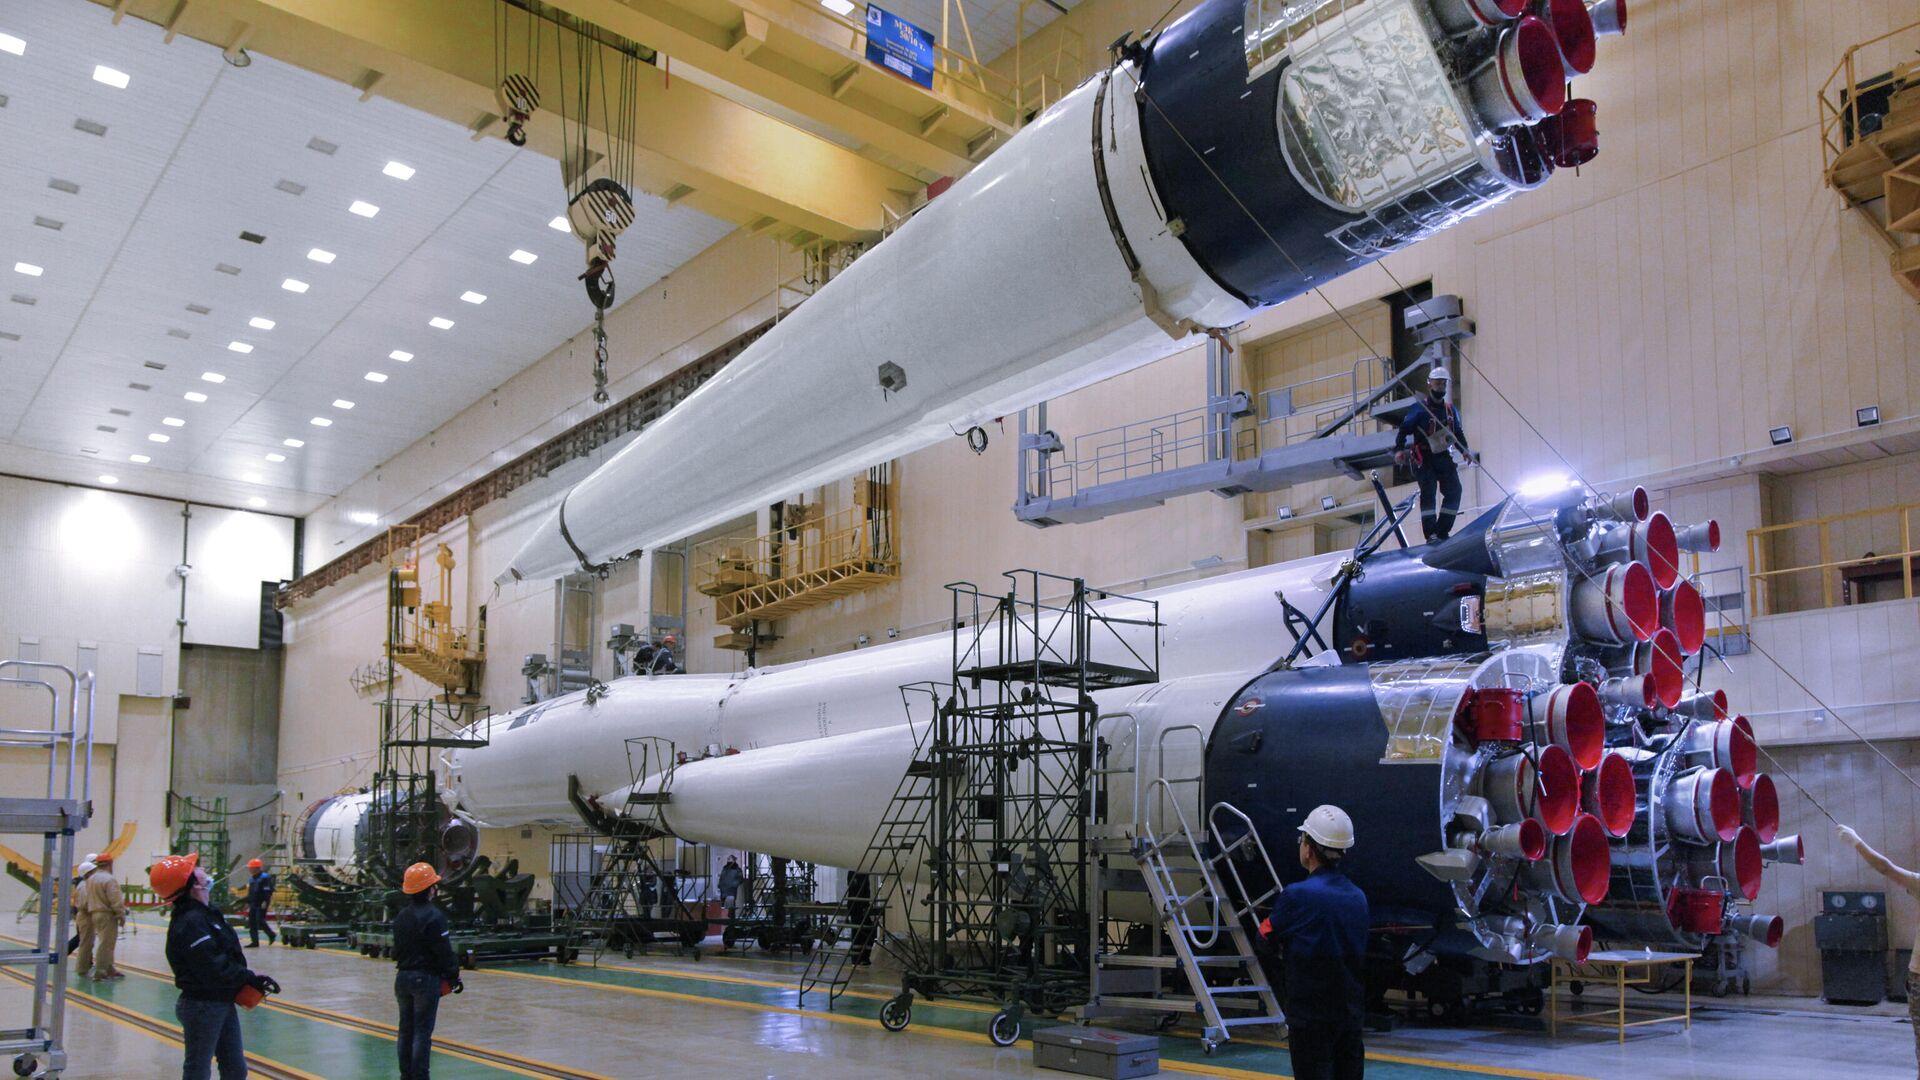 Ракета-носитель Союз-2 в бело-синей гамме  - РИА Новости, 1920, 07.06.2021